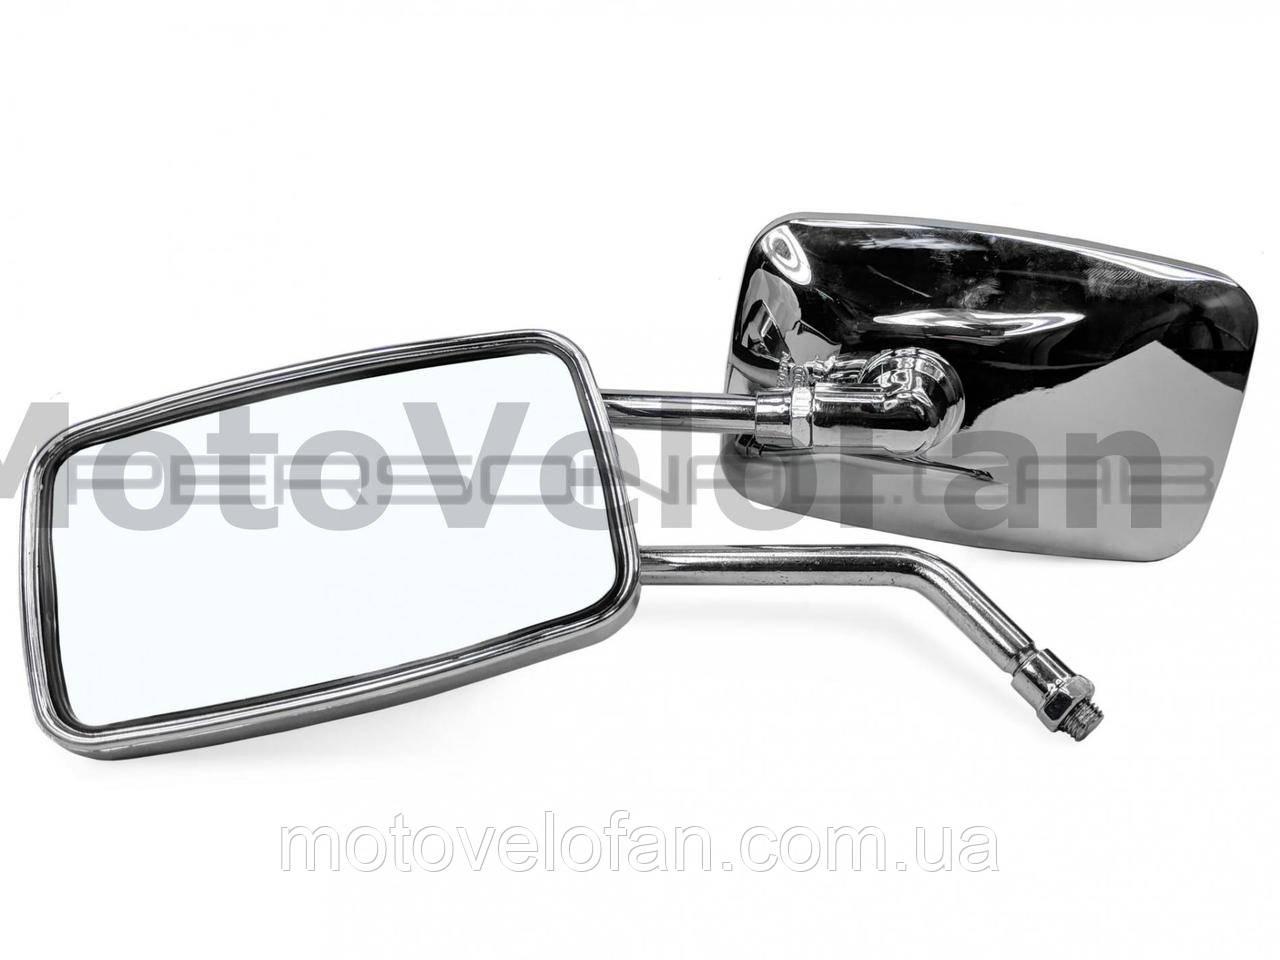 Зеркала мото   (прямоугольные)   (МТ)   (хром, 10mm)   EVO